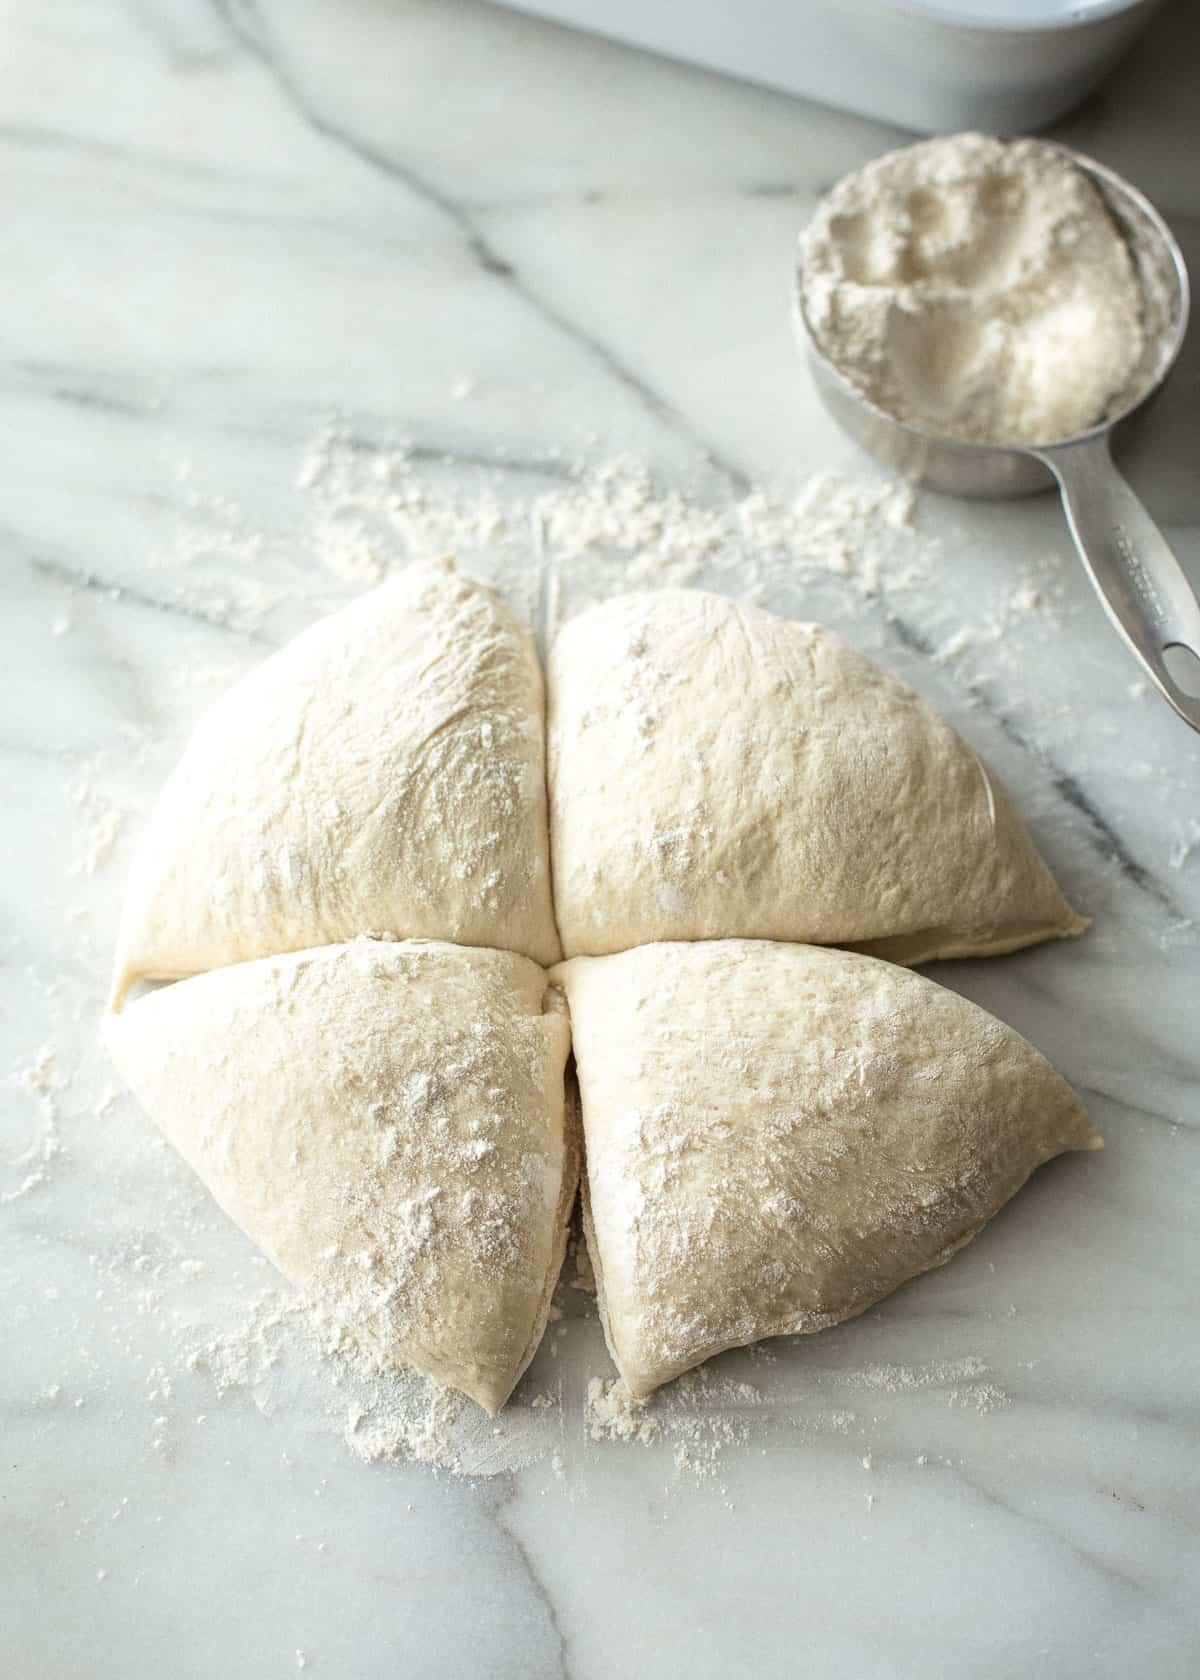 cutting dough into quarters